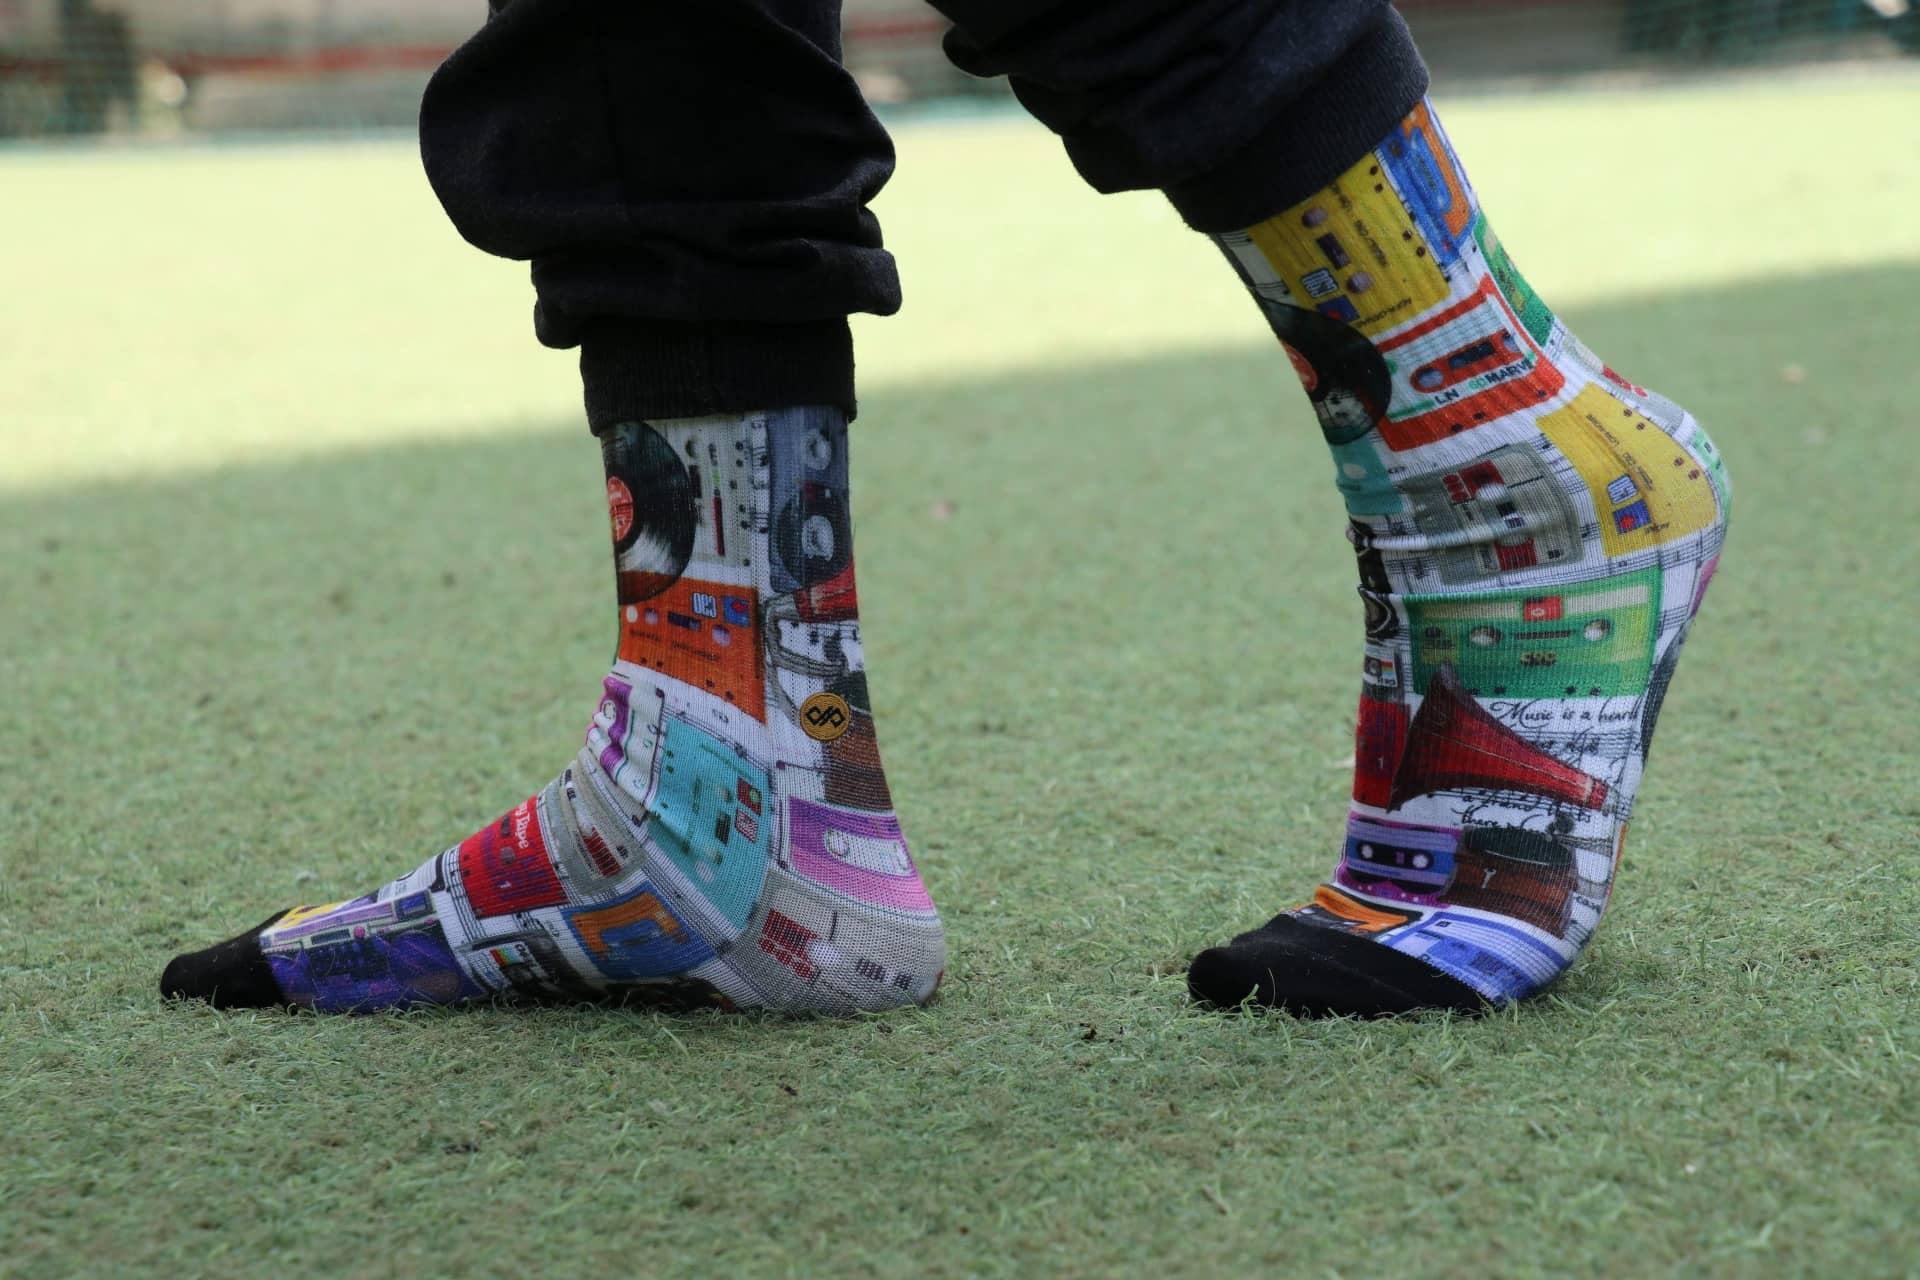 Dynamocks Cassettes socks for men & women